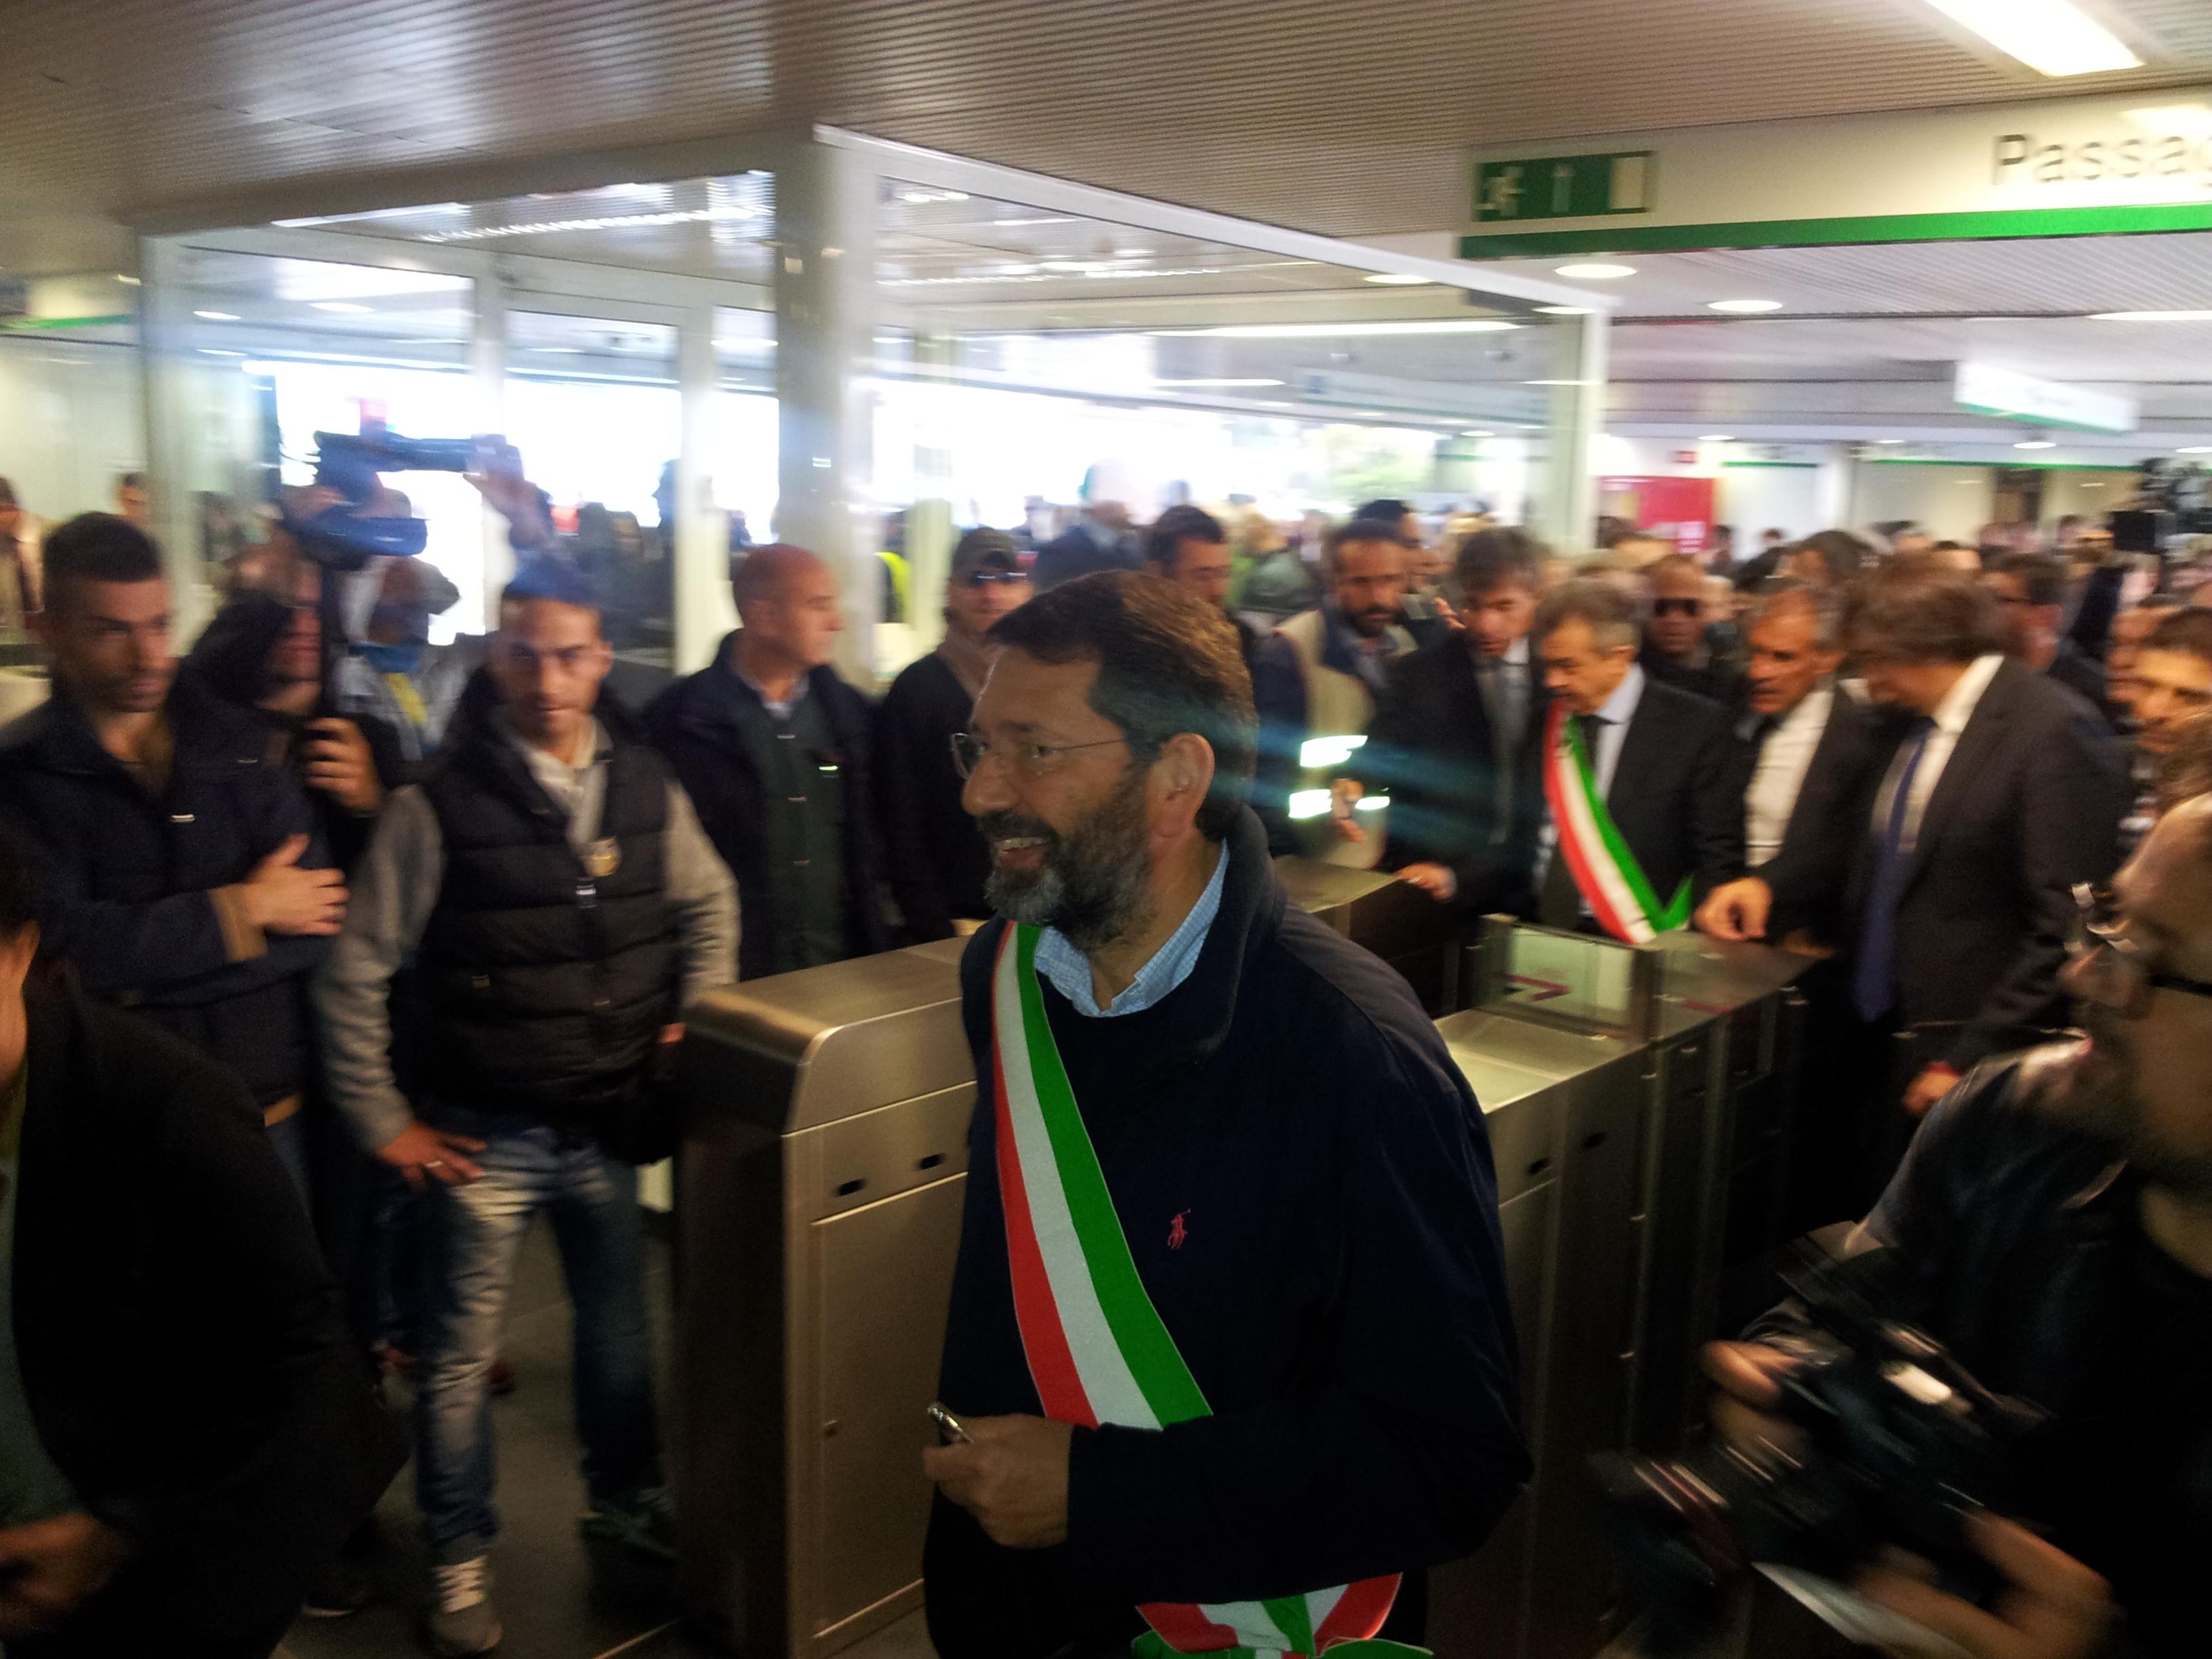 Il sindaco di Roma Capitale Ignazio Marino inaugura la linea C, terza linea metropolitana della Capitale - Foto Omar Cugini